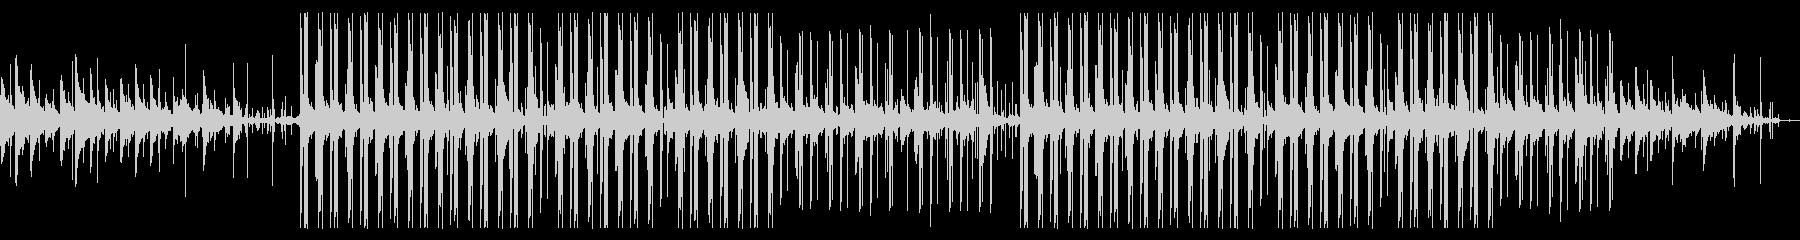 悲しいエレピとピアノのチル・ヒップホップの未再生の波形